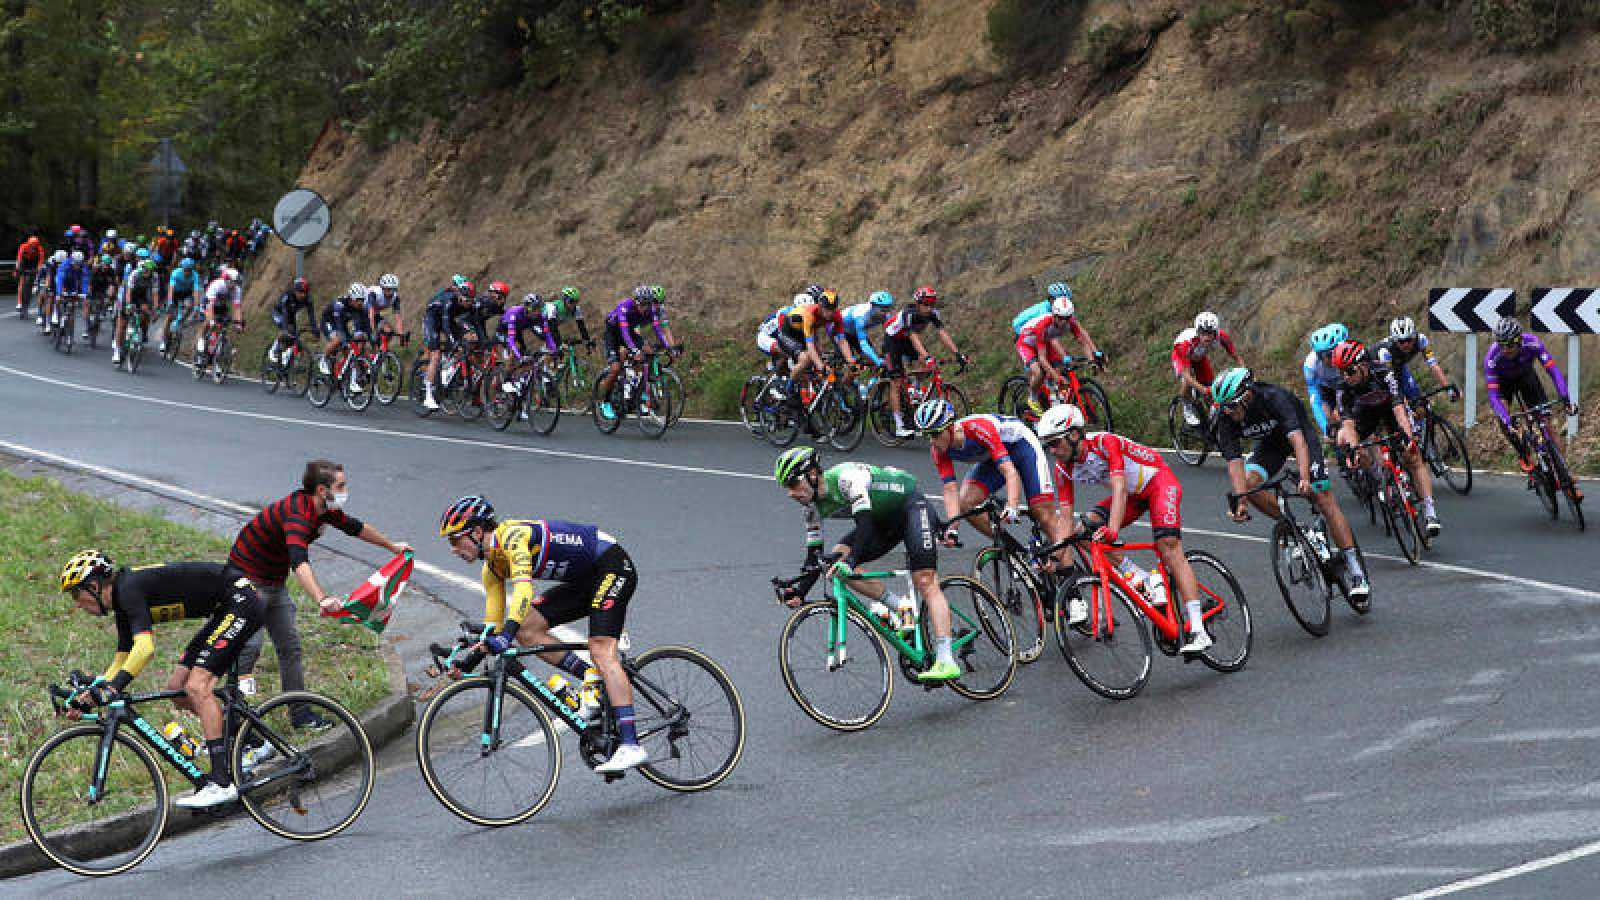 El pelotón durante la primera jornada de la Vuelta 2020, disputada entre Irún y Arrate, de 173 kilómetros.